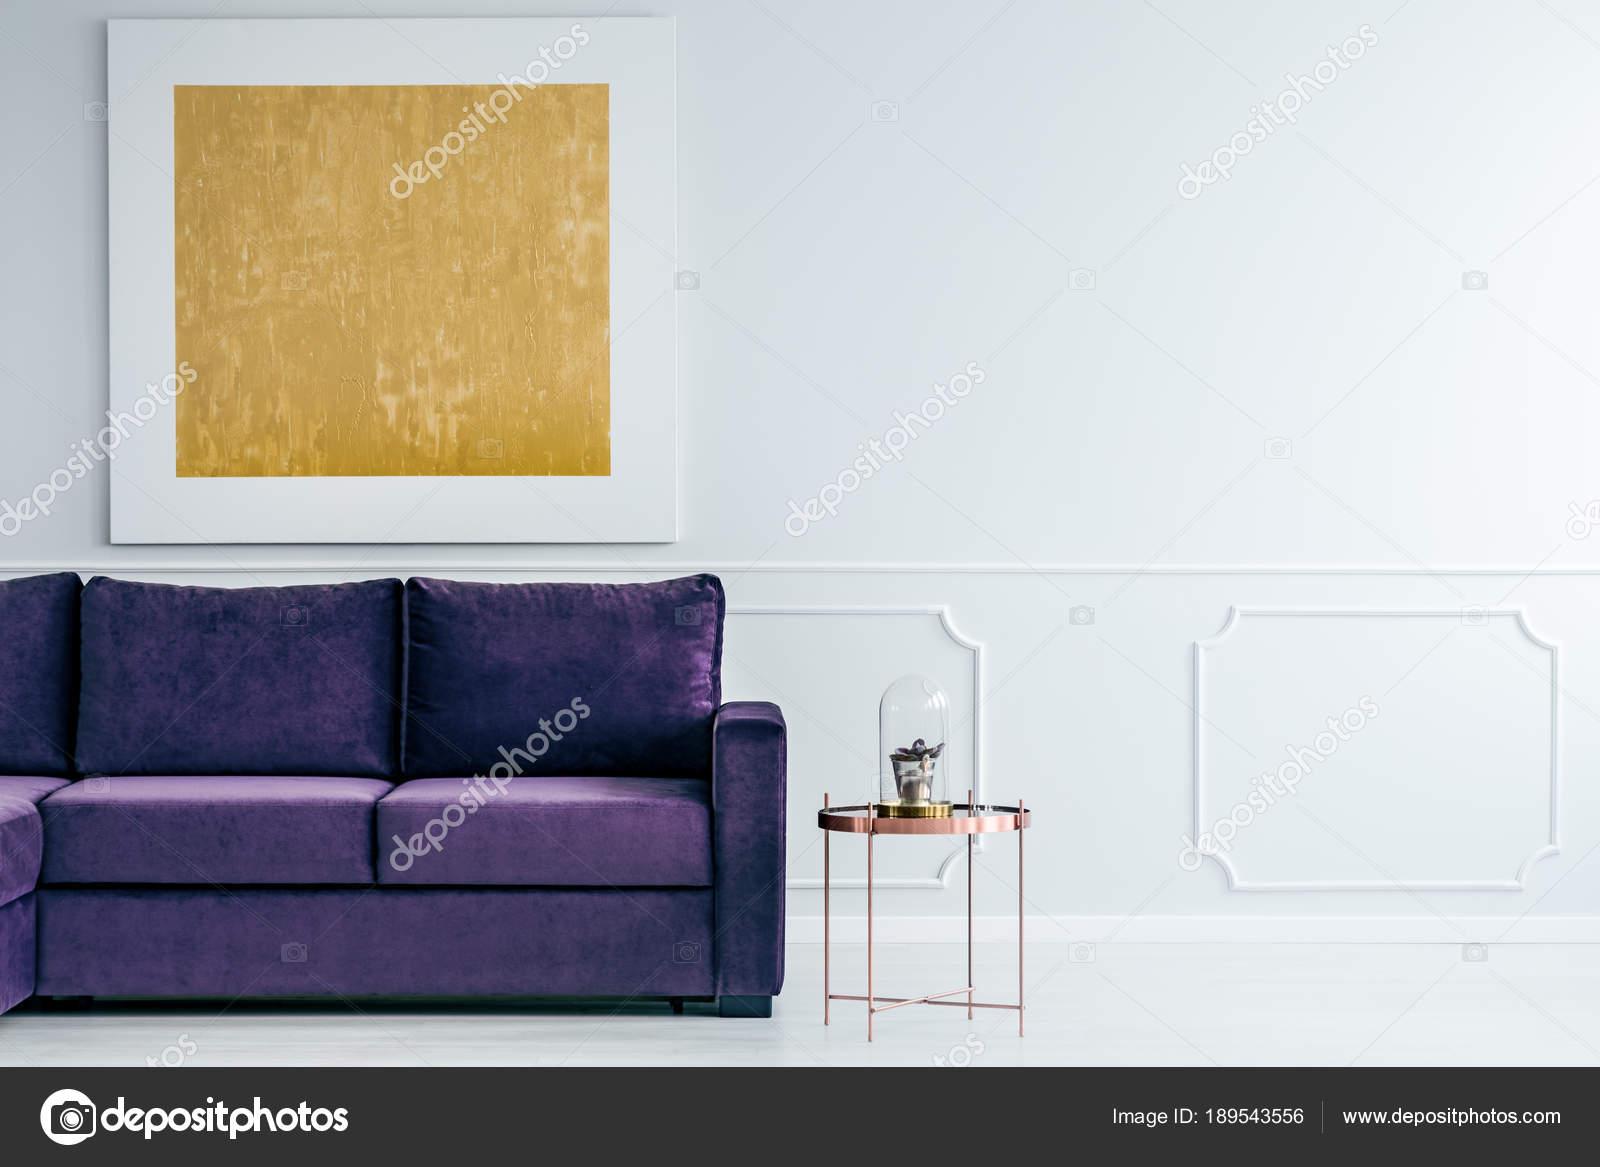 Kupfer Tisch Neben Violette Sofa Gegen Graue Wand Mit Gold Malerei Im  Wohnzimmer Interieur U2014 Foto Von Photographee.eu